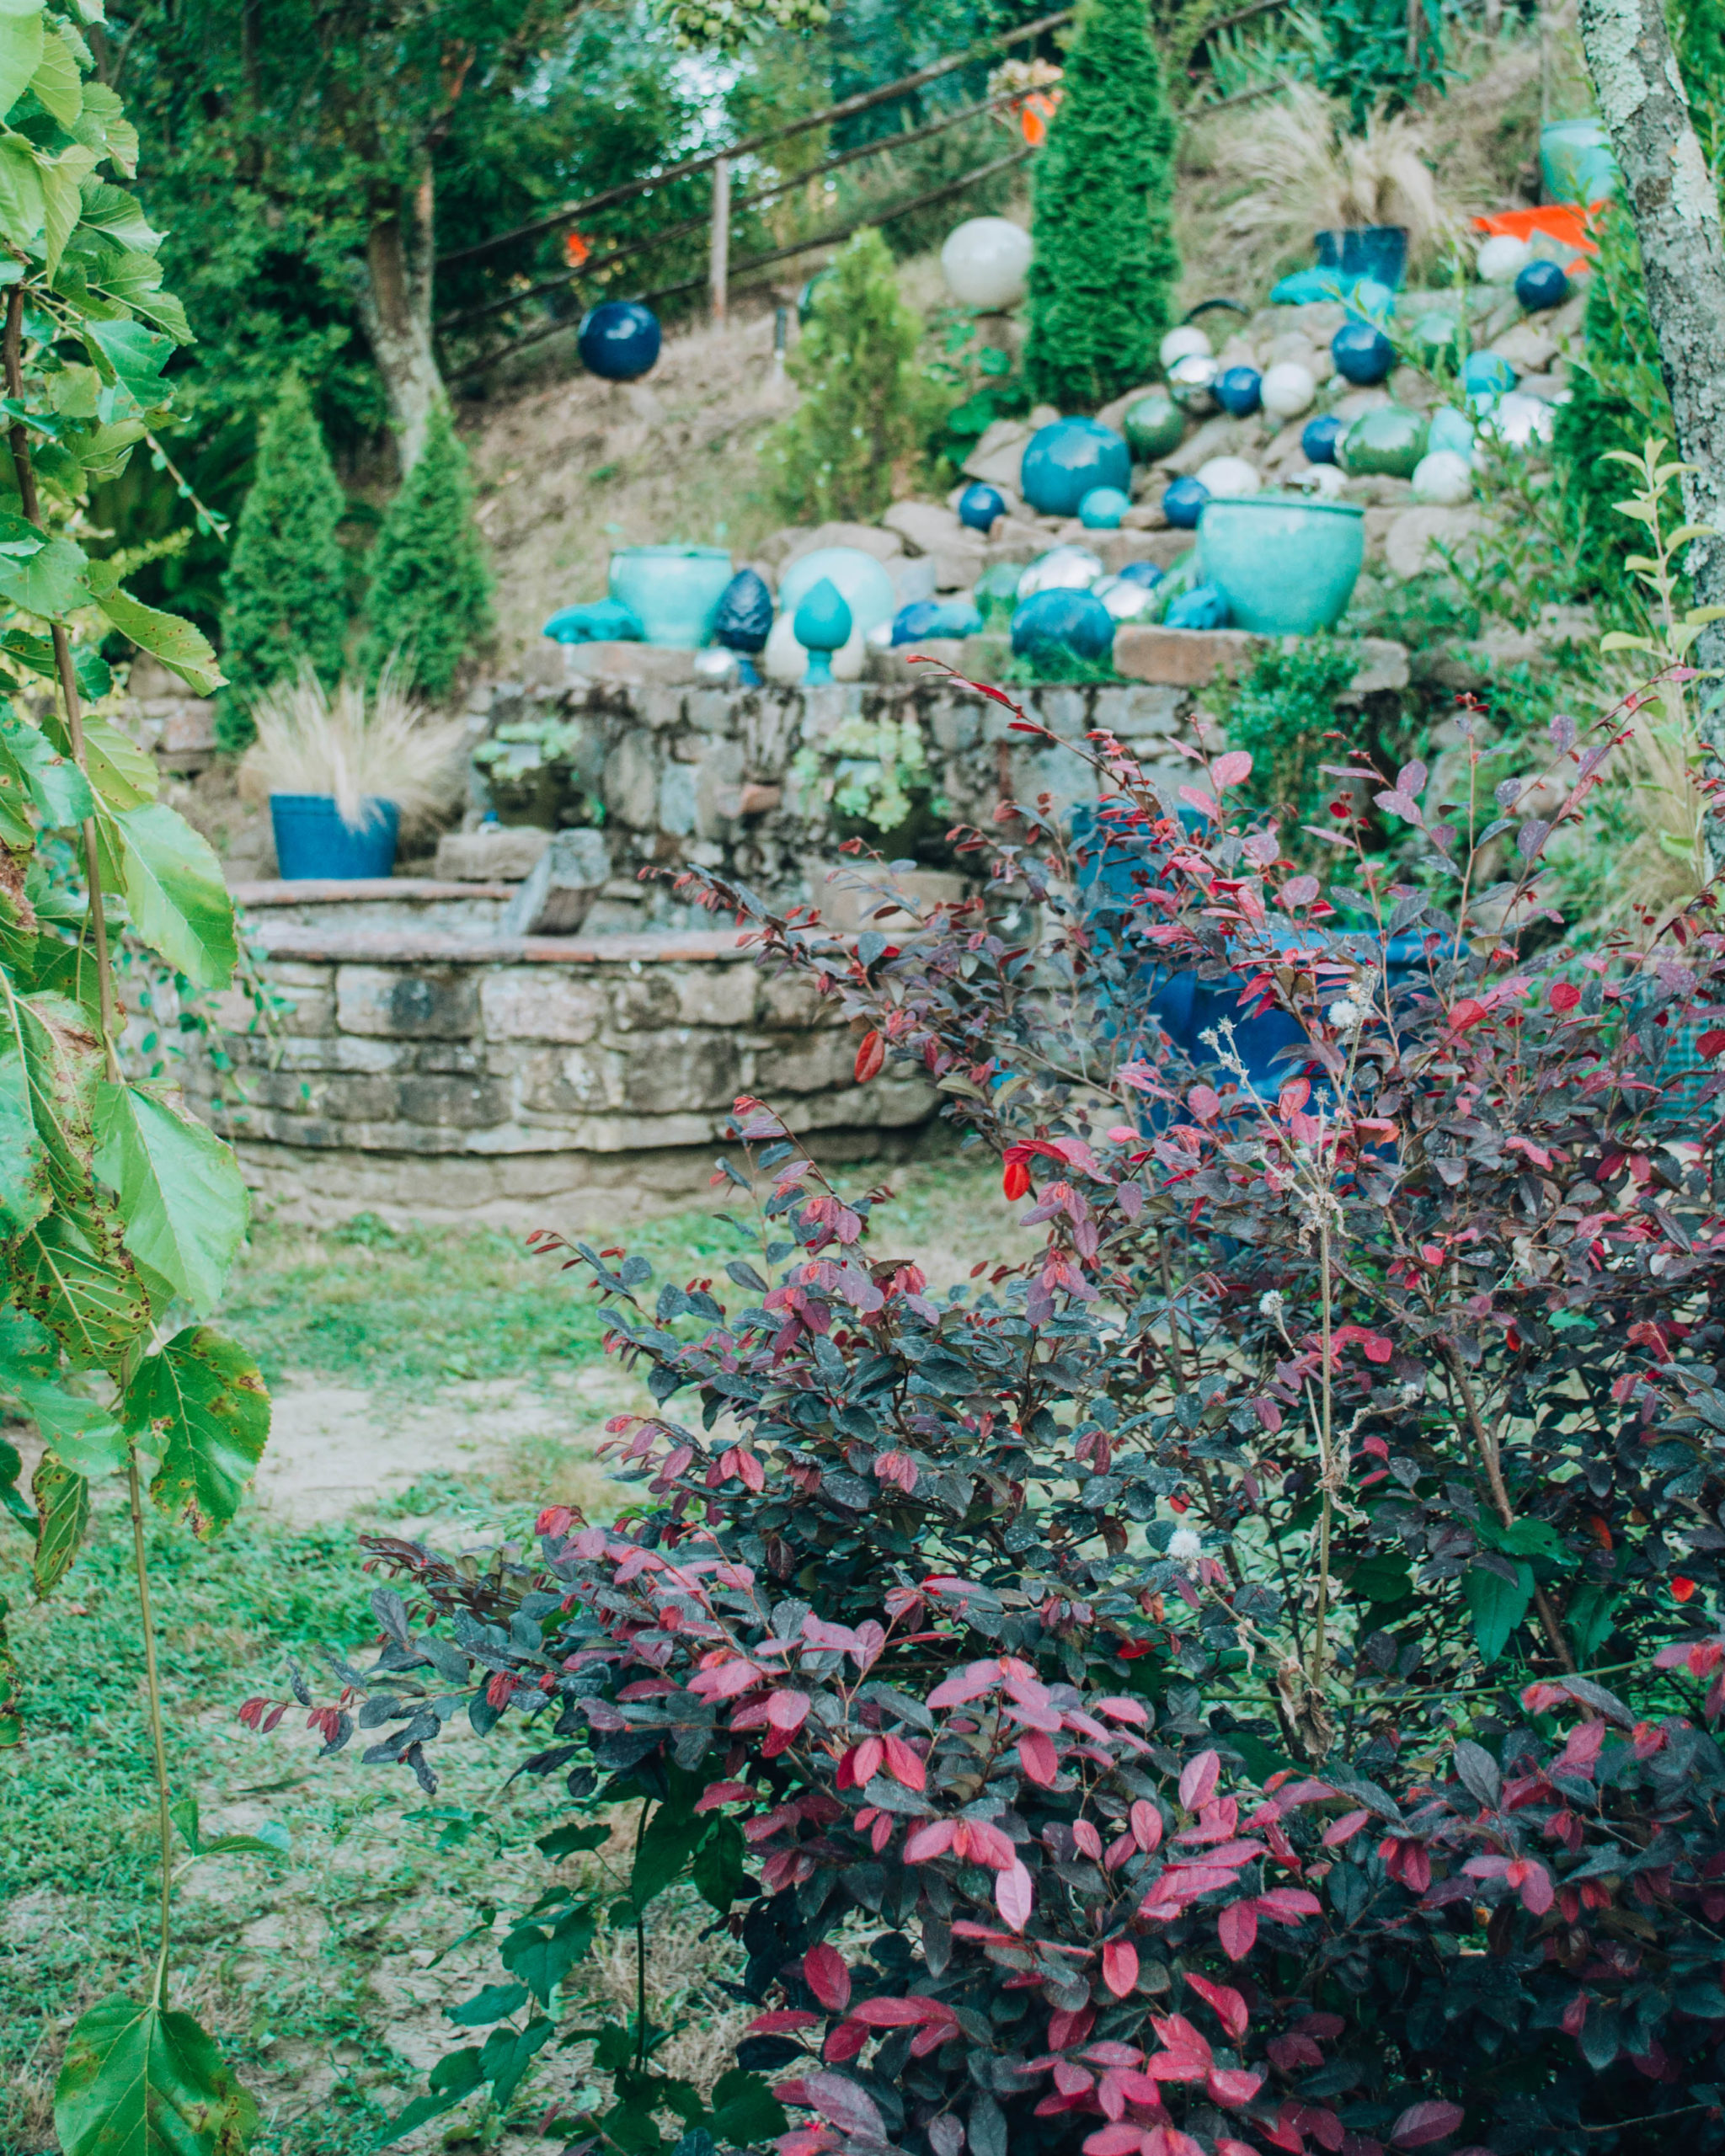 veduta di giardino con cascata sul fondo